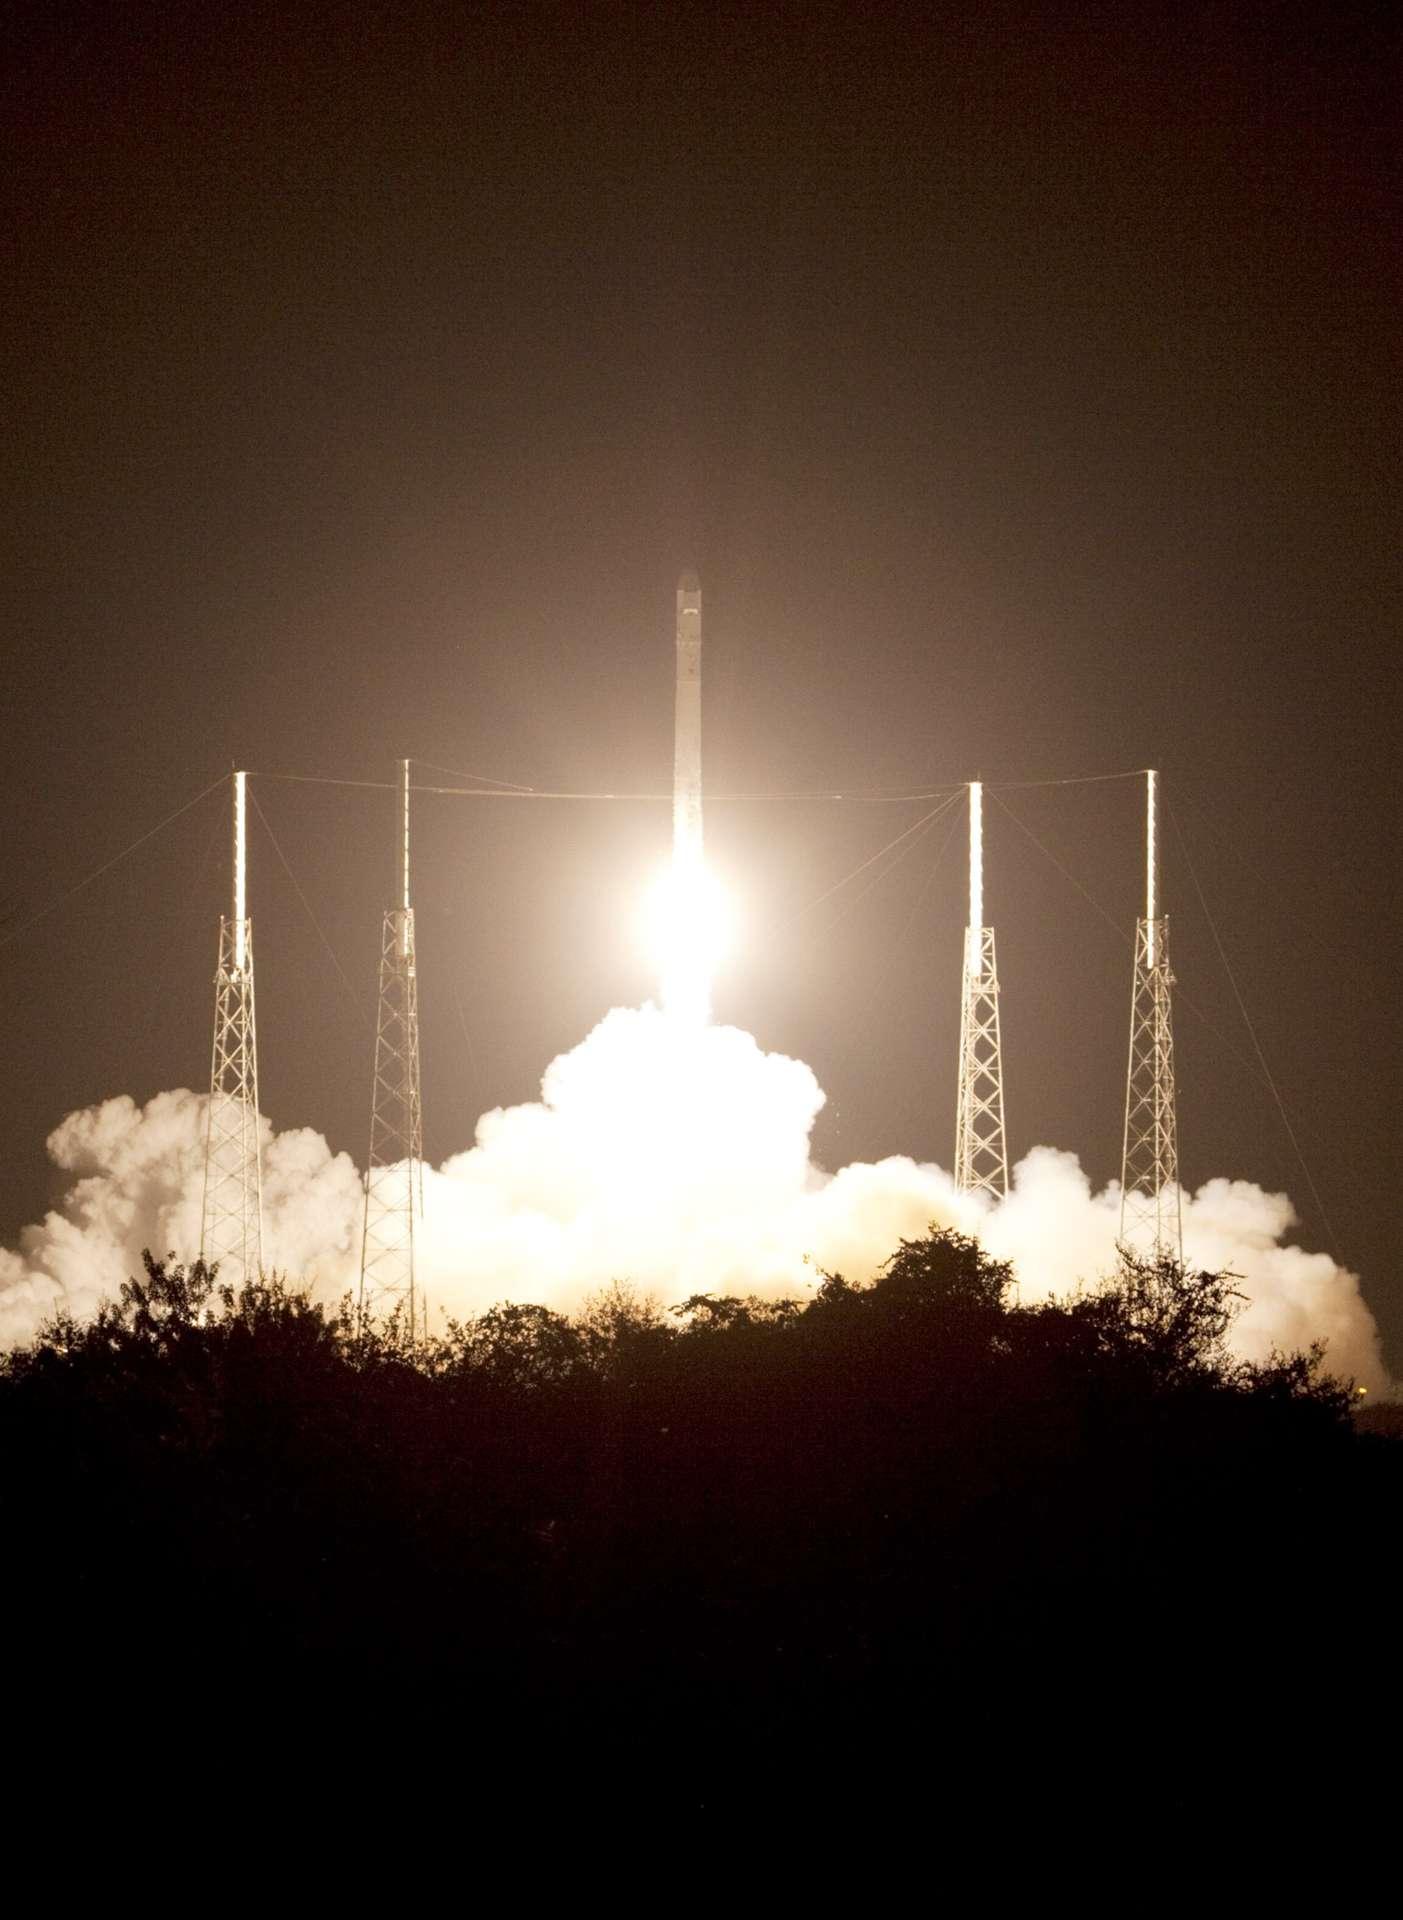 Décollage réussi pour le lanceur Falcon-9 et la capsule Dragon, dans la nuit du 7 au 8 octobre 2012. © Nasa